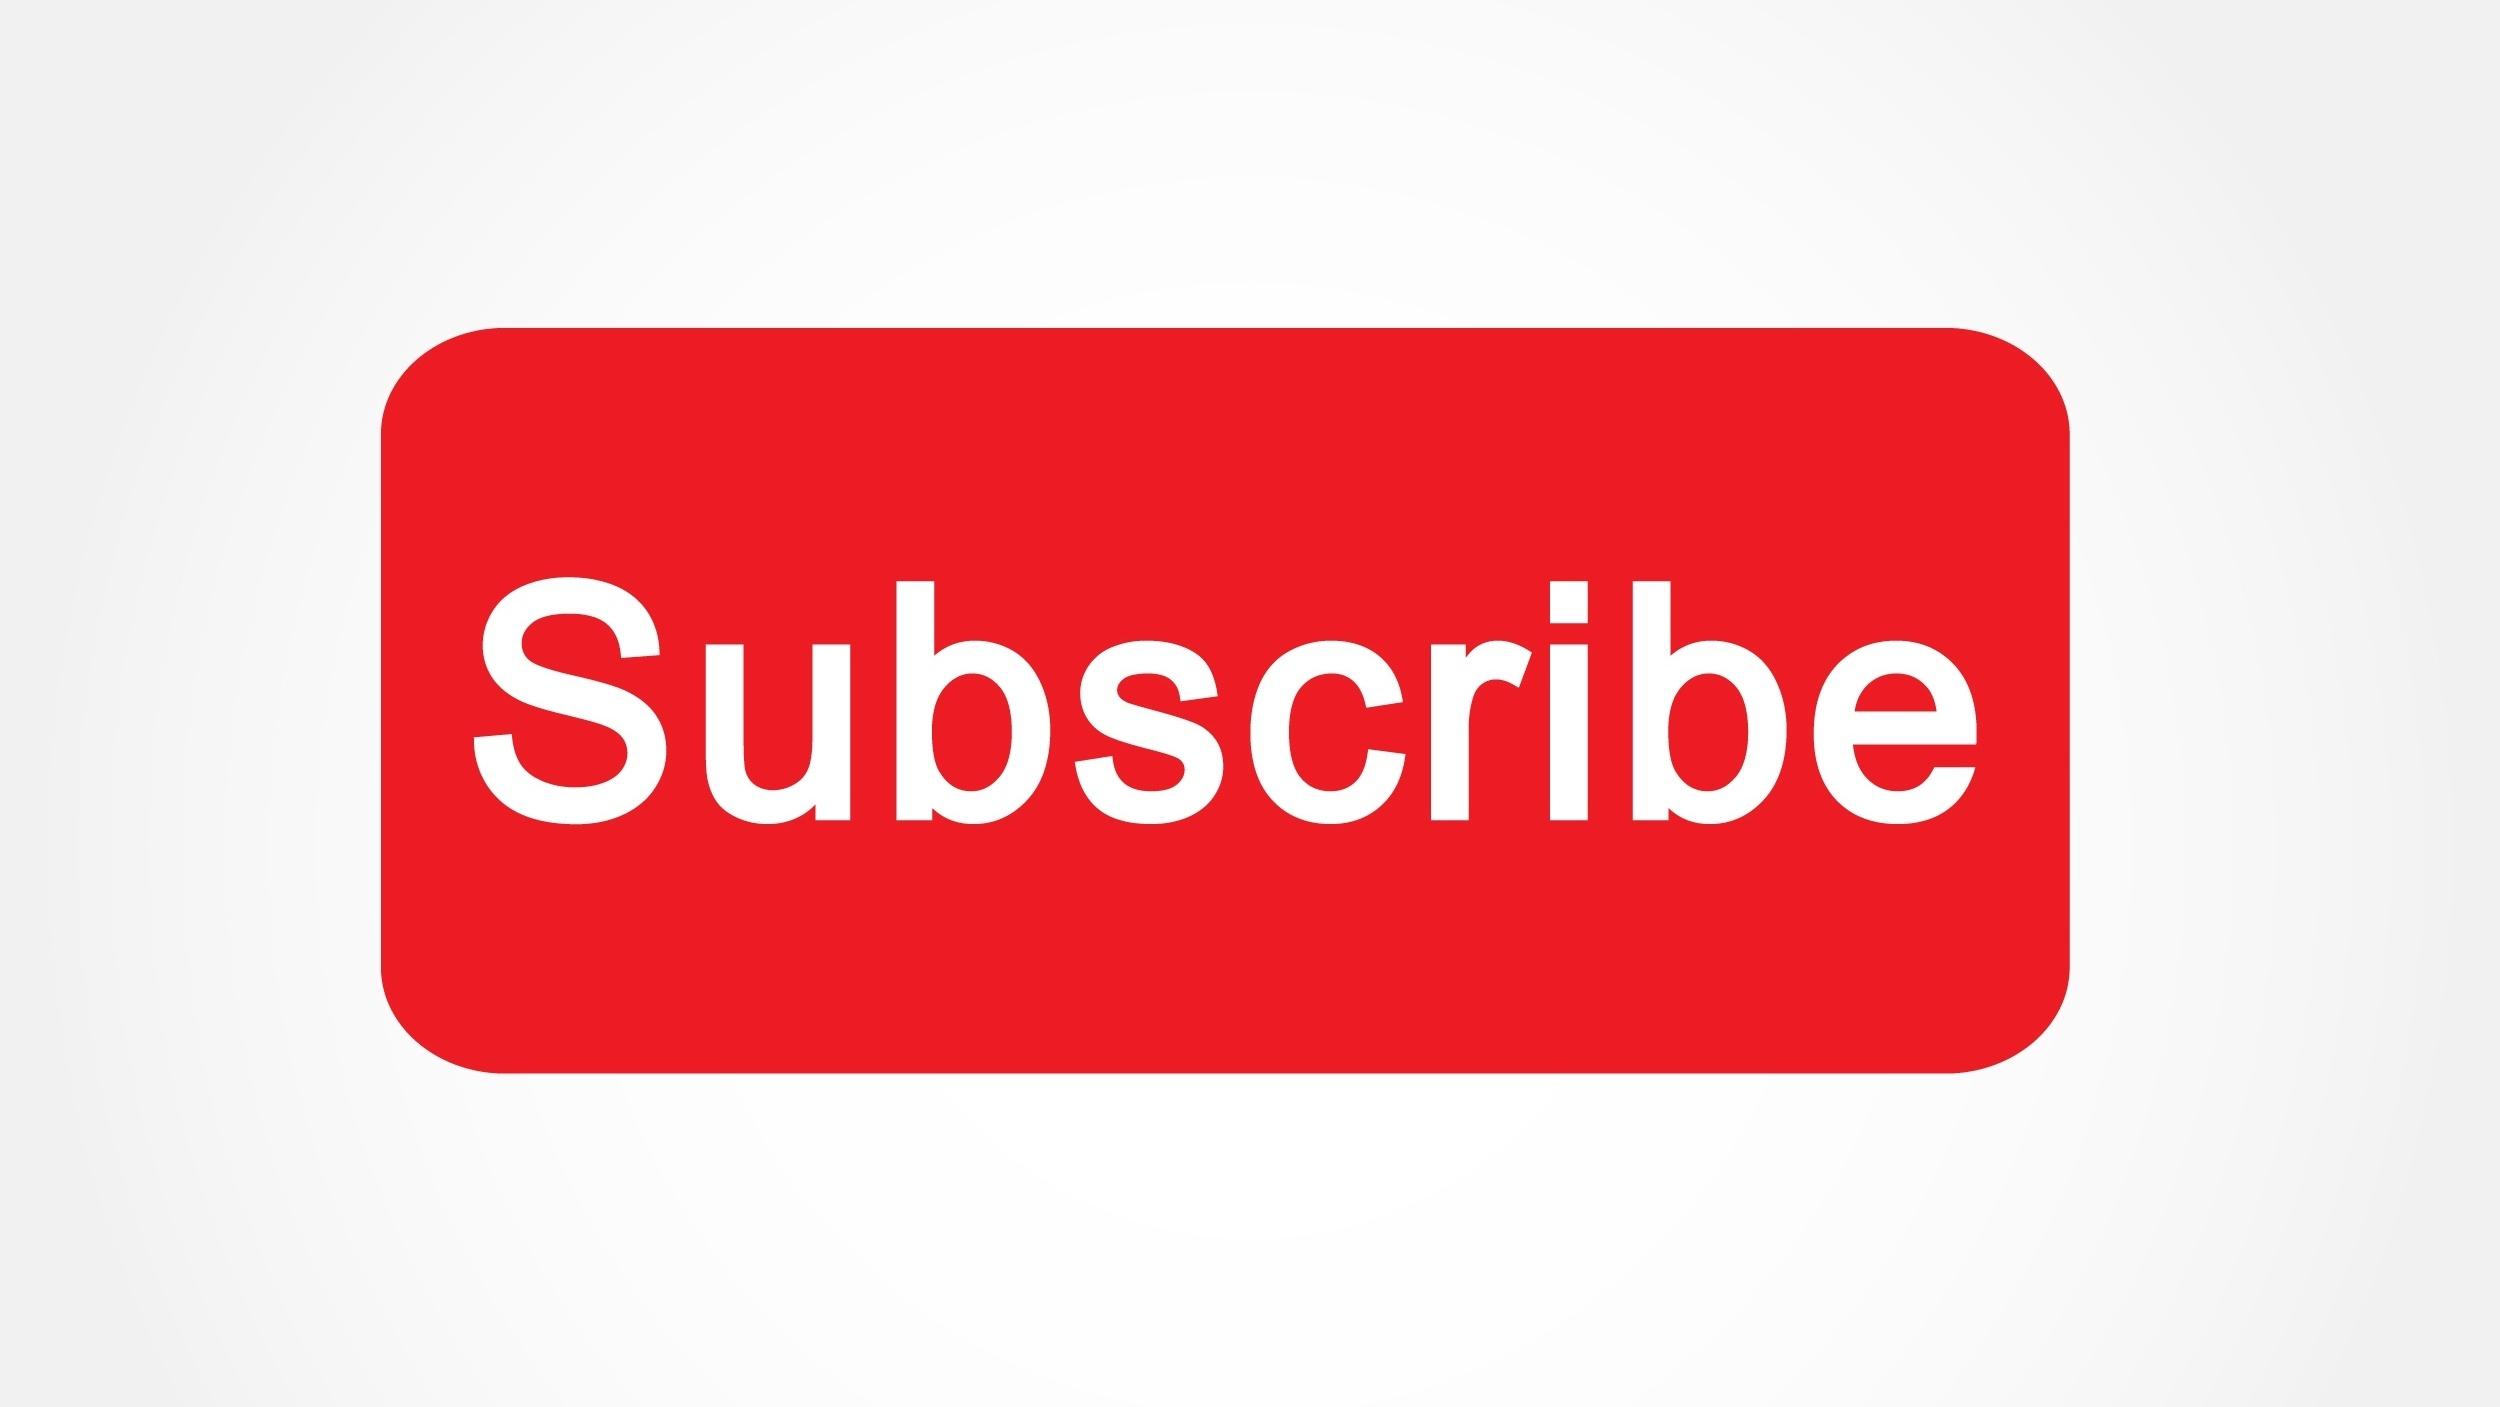 Få flere følgere på YouTube med abonner-knapp i videoer